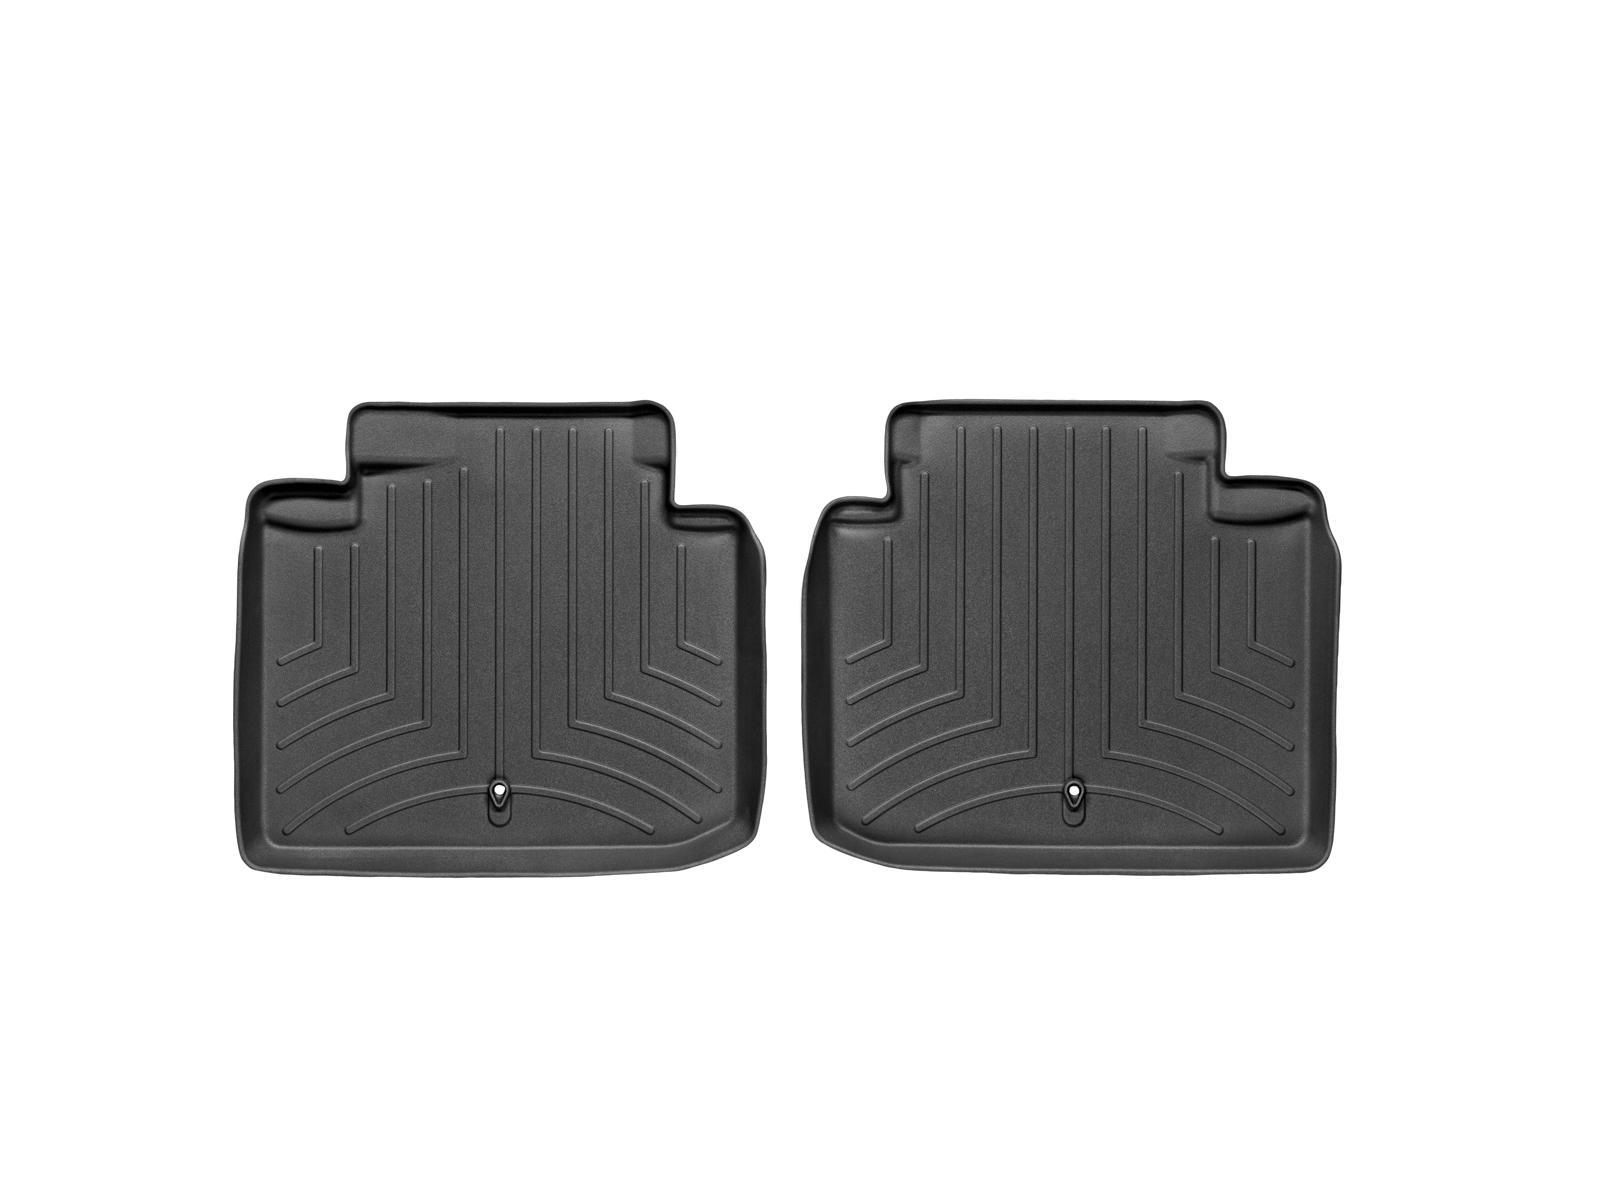 Tappeti gomma su misura bordo alto Lexus GS 430 06>07 Nero A2035